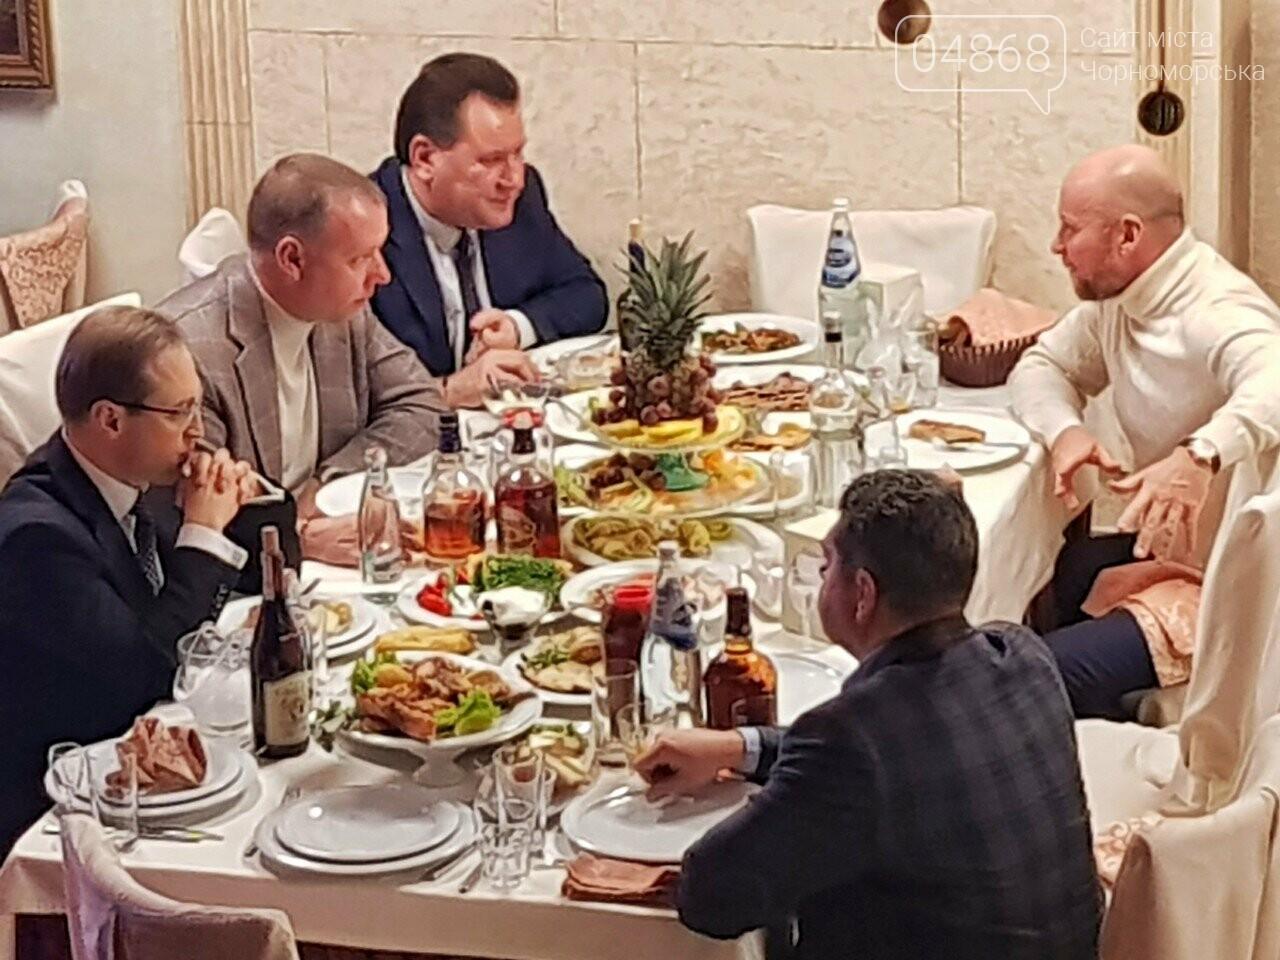 Руководство Ильичевского судоремонтного завода поздравляет с наступающими праздниками, фото-7